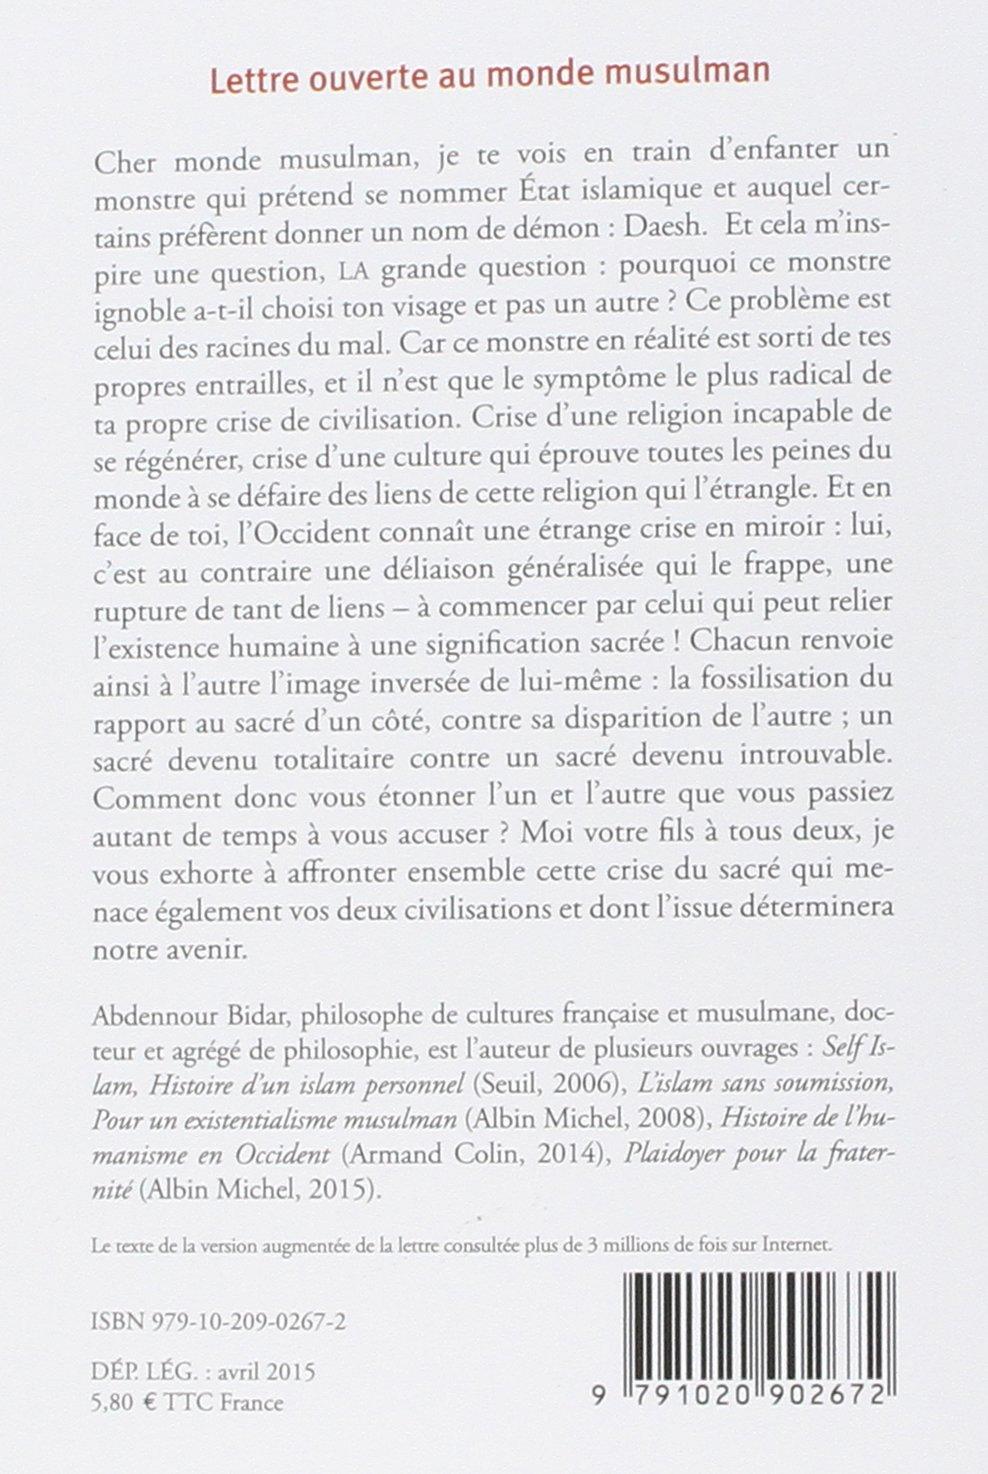 lettre ouverte au monde musulman Lettre ouverte au monde musulman: Amazon.fr: Abdennour Bidar: Livres lettre ouverte au monde musulman